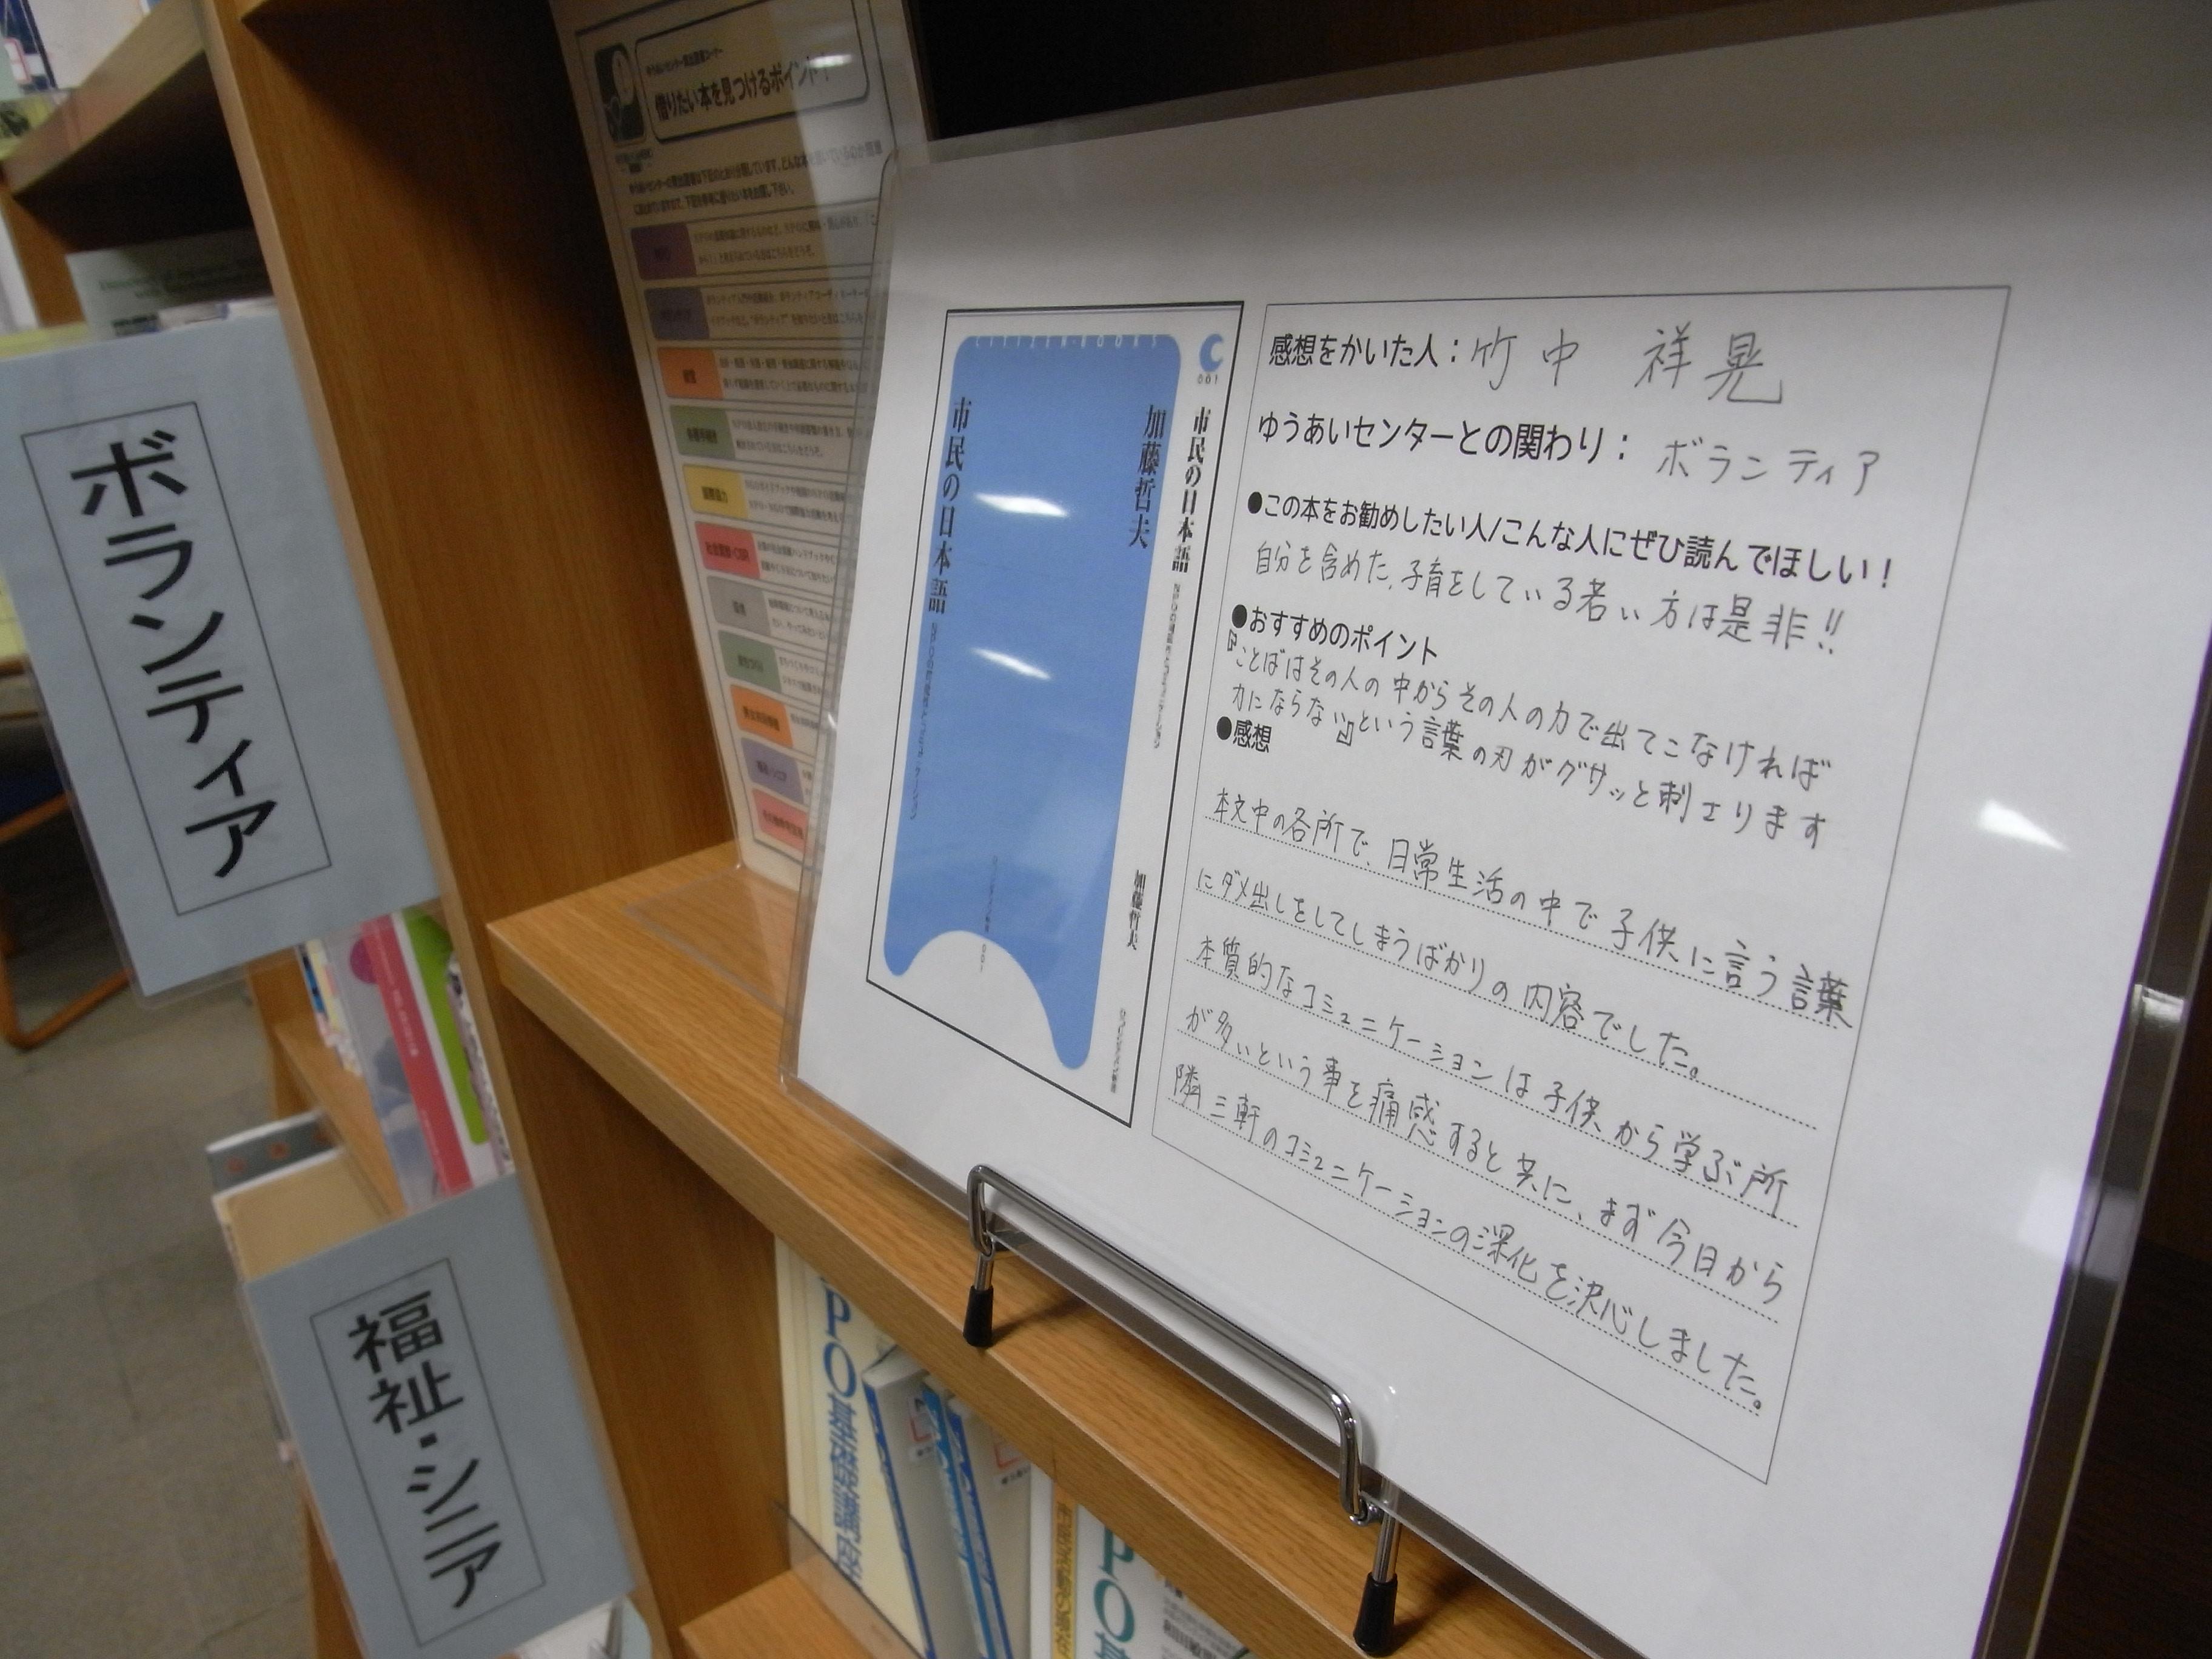 4.読書レポート「ゆうあい読書感想文Vol.1~市民の日本語~」